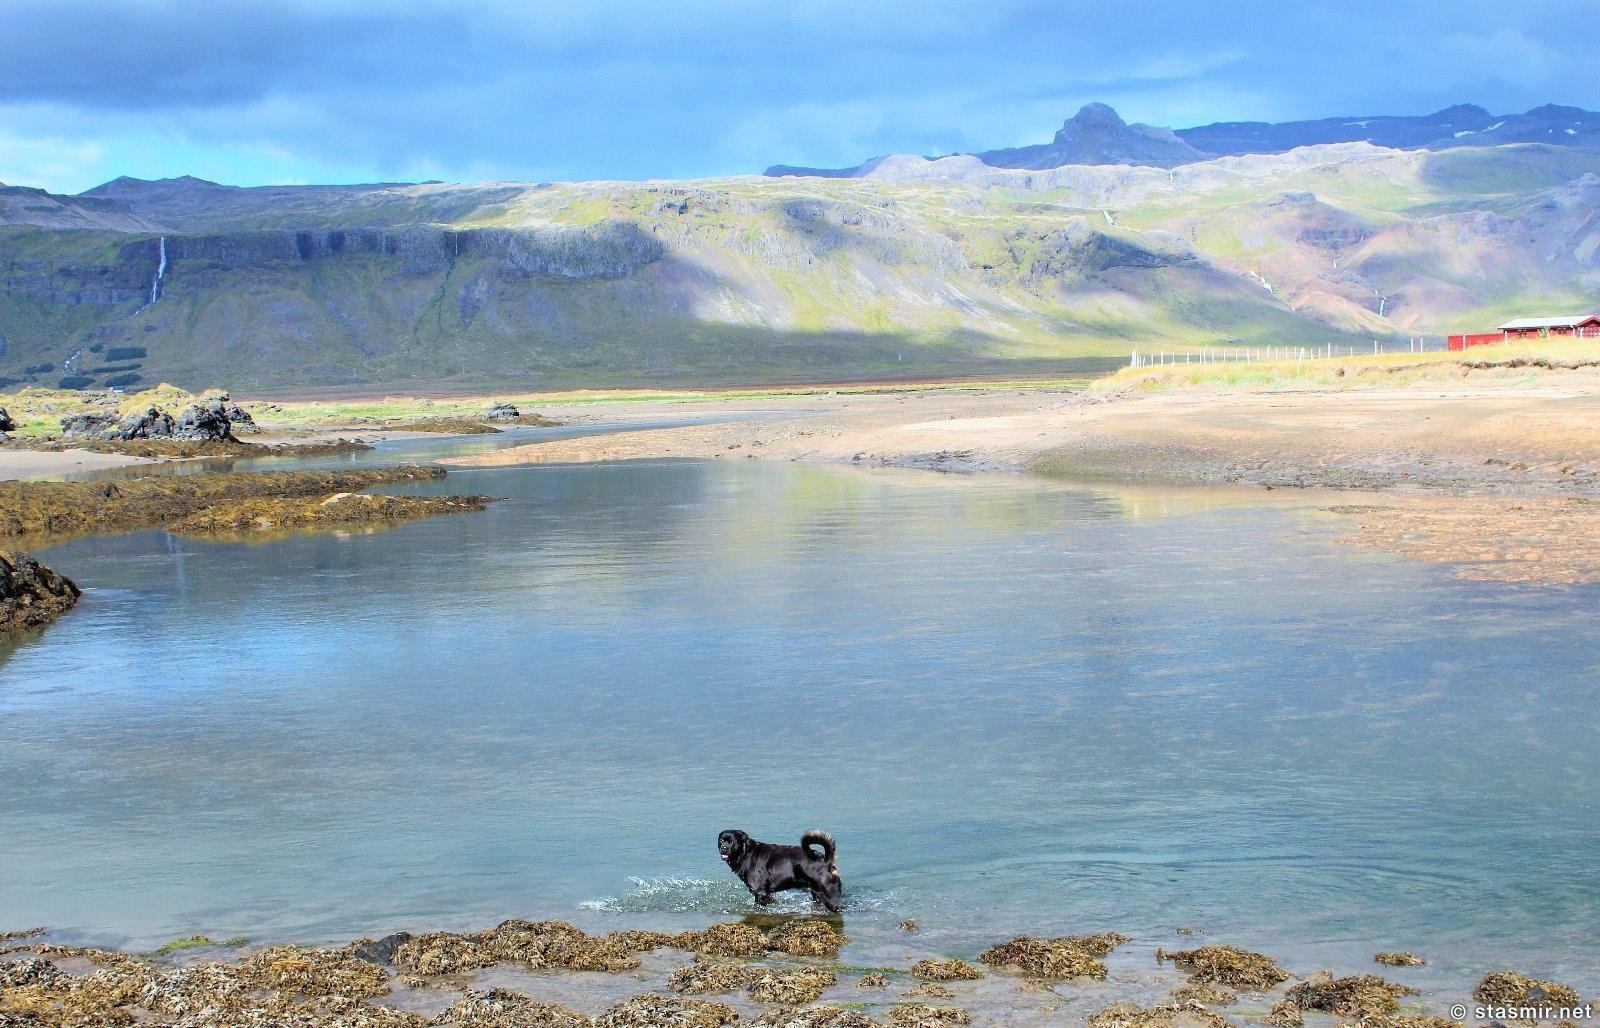 Вид из отеля Buðir на полуострове Снайфедльснес, Западная Исландия, фото Стасмир, photo Stasmir